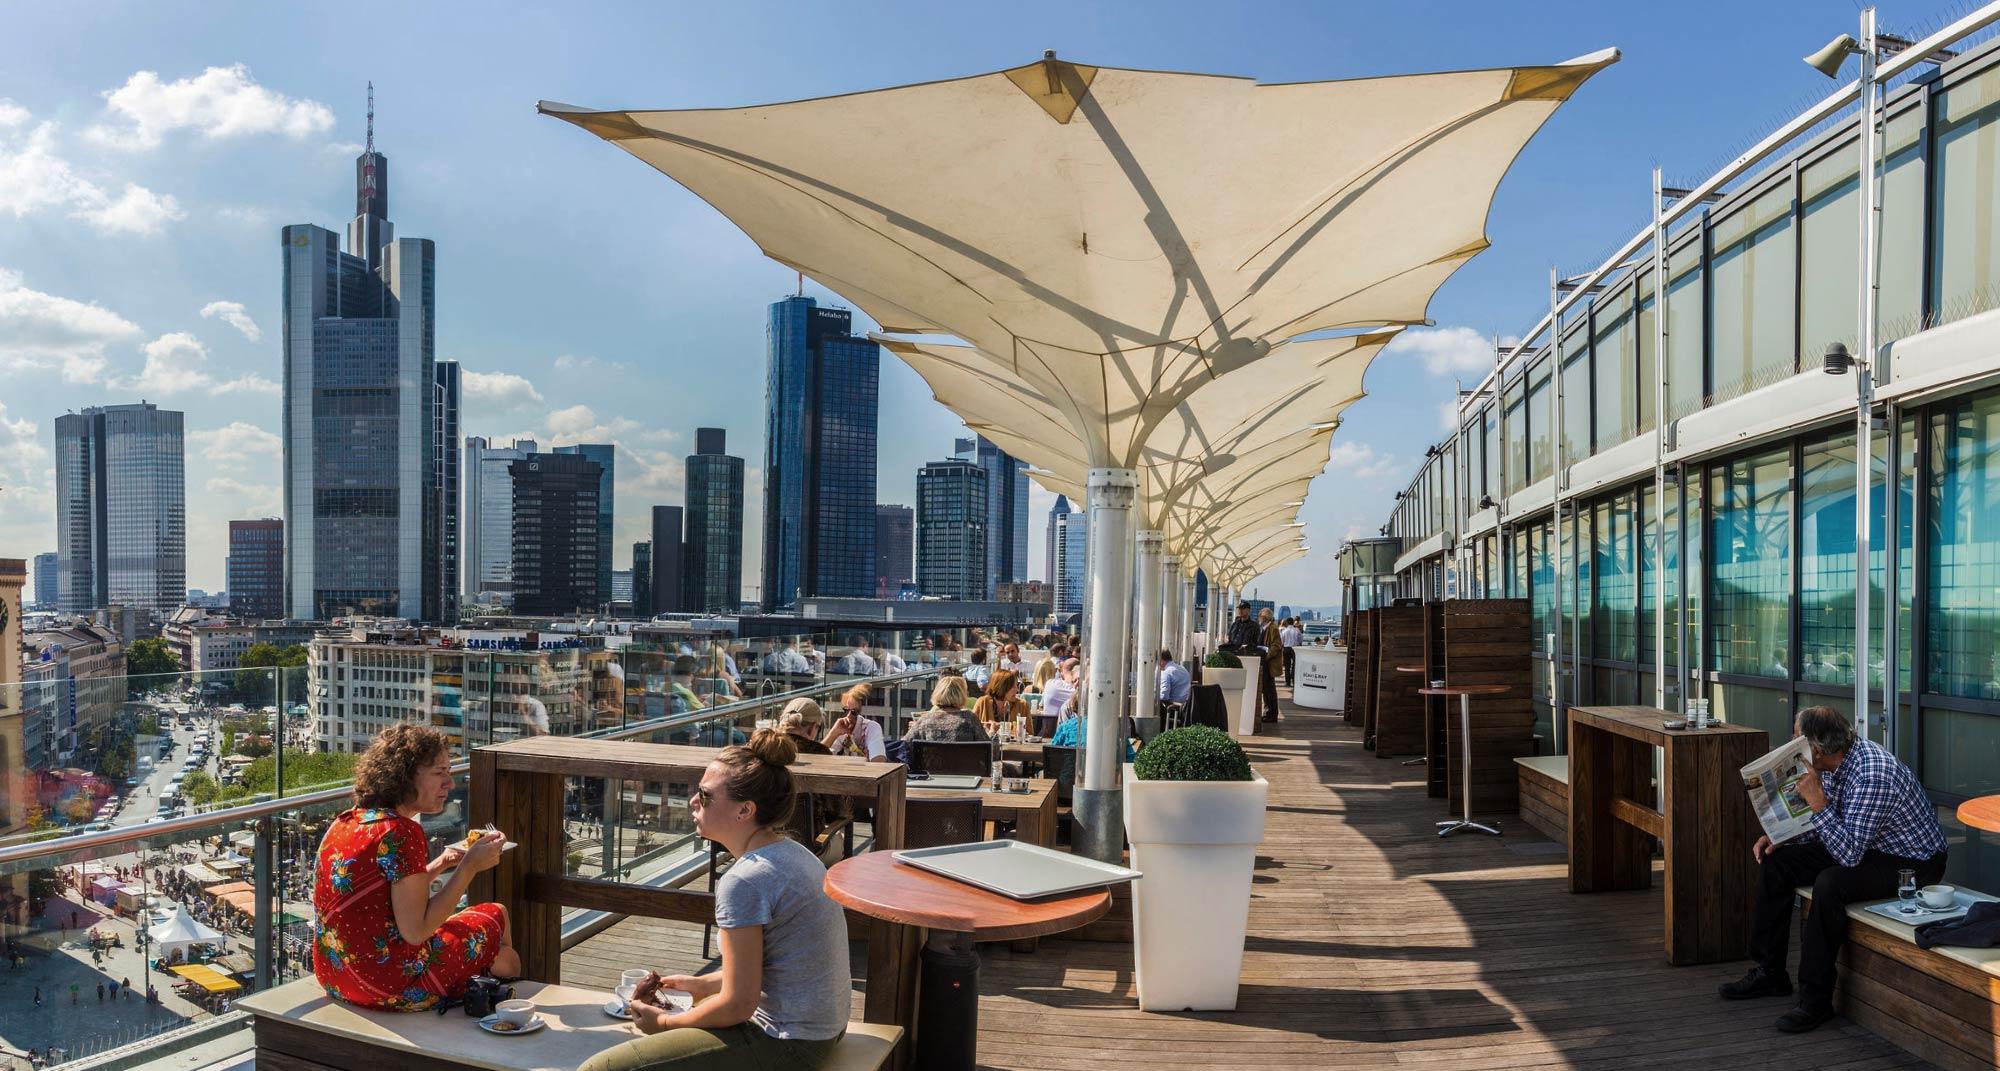 Frankfurt Tipps - Restaurant und Bar in Frankfurt mit Aussicht - Restaurants und Bars in Frankfurt am Main mit Skylineblick auf die Hochhäuser